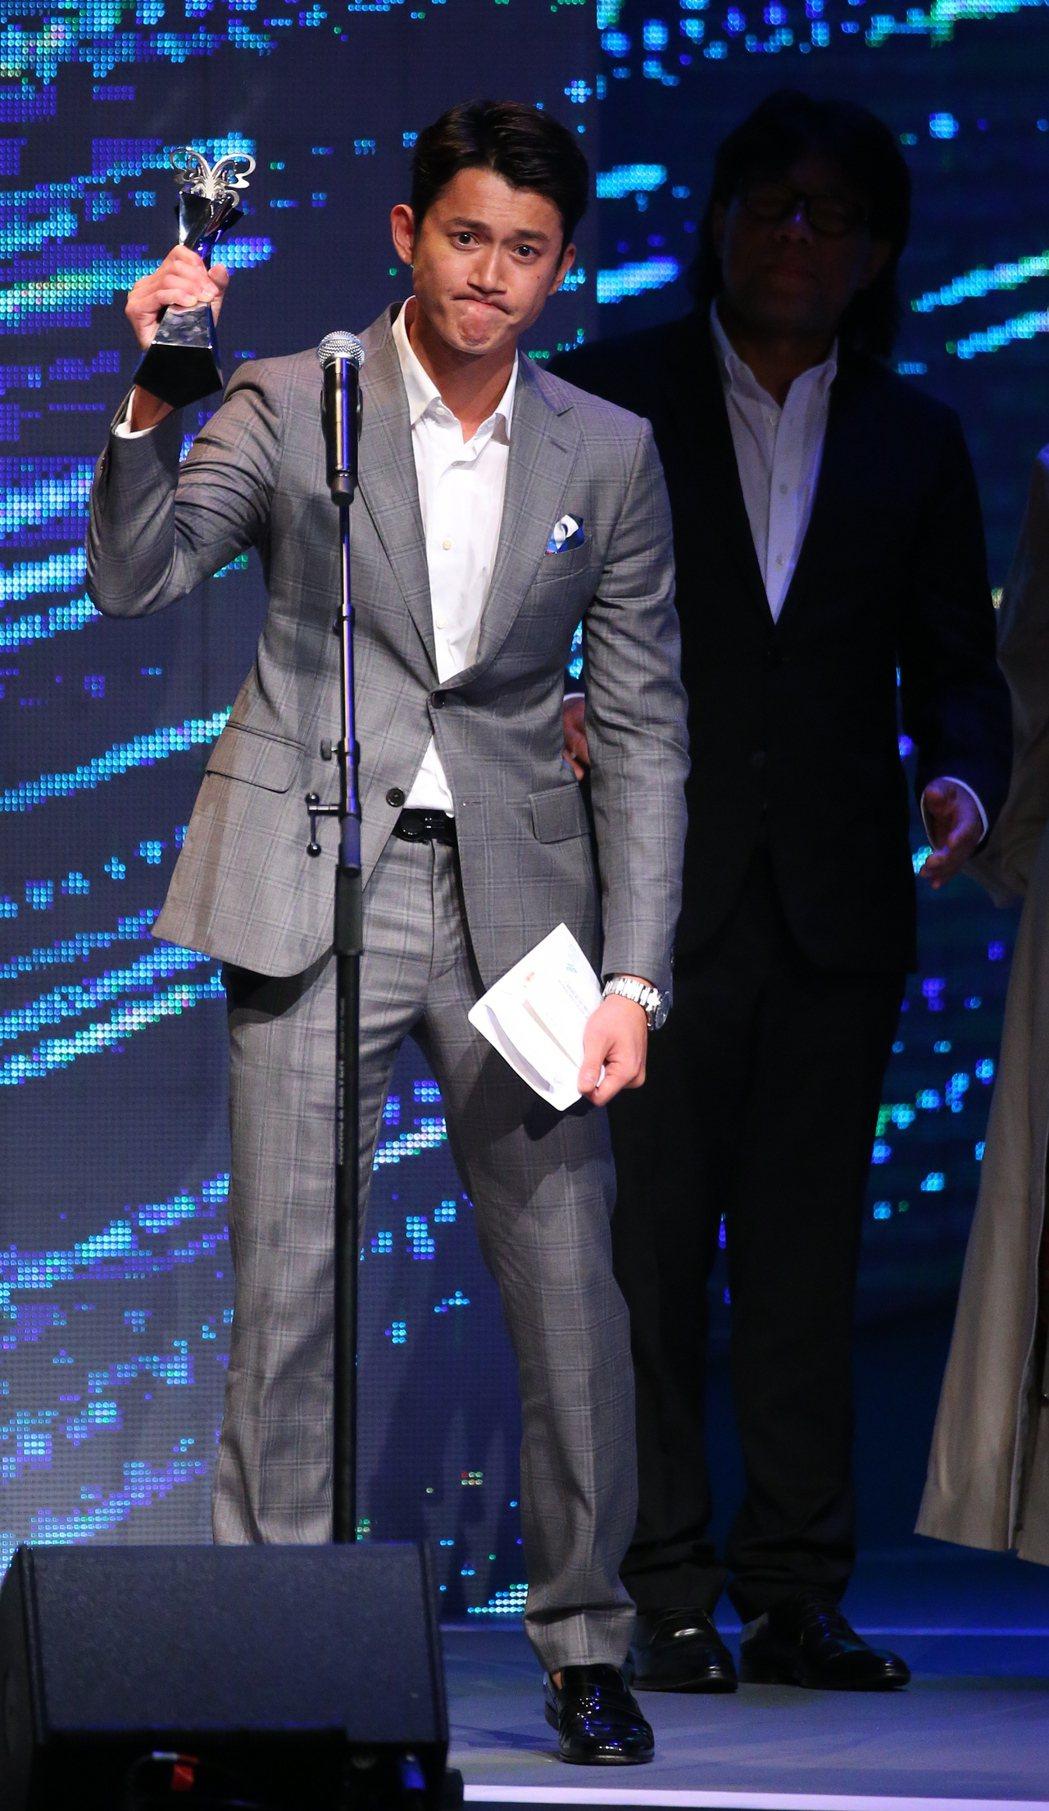 台北電影節最佳男主角獎由吳慷仁獲得。記者王騰毅/攝影